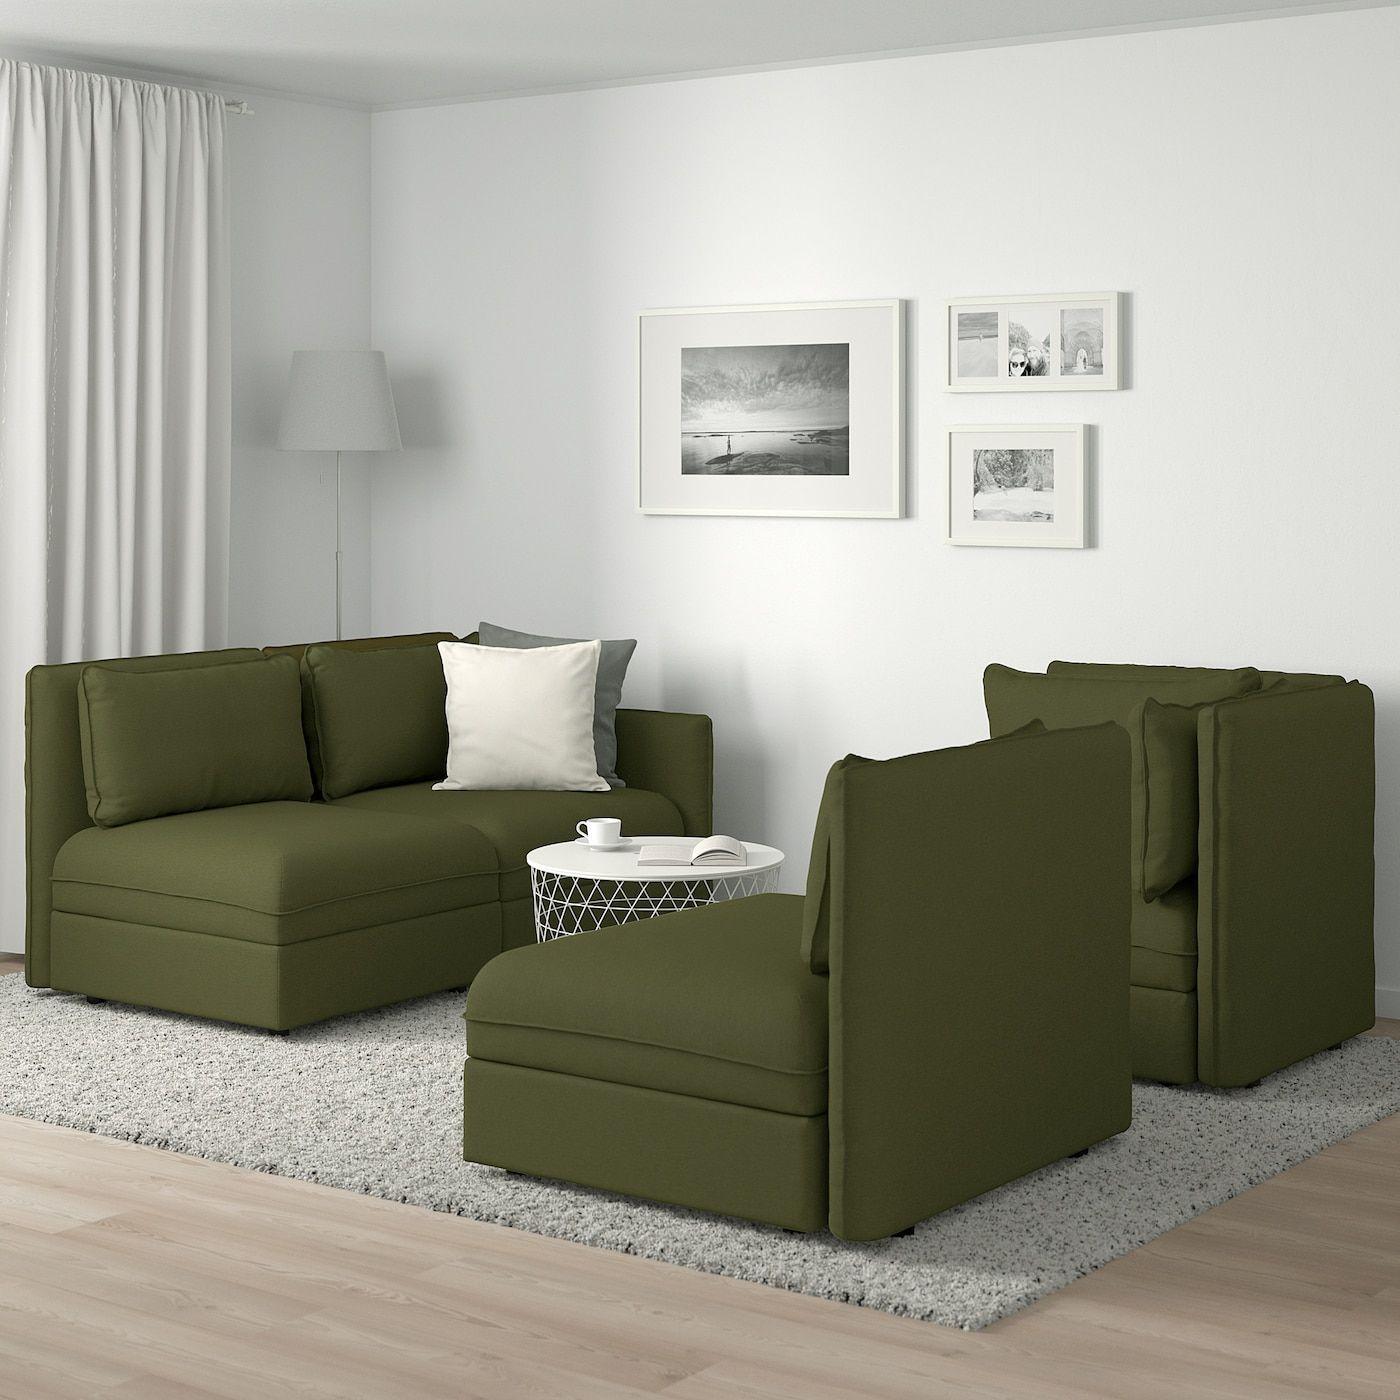 Pop Camper Discover VALLENTUNA Modular corner sofa 3seat